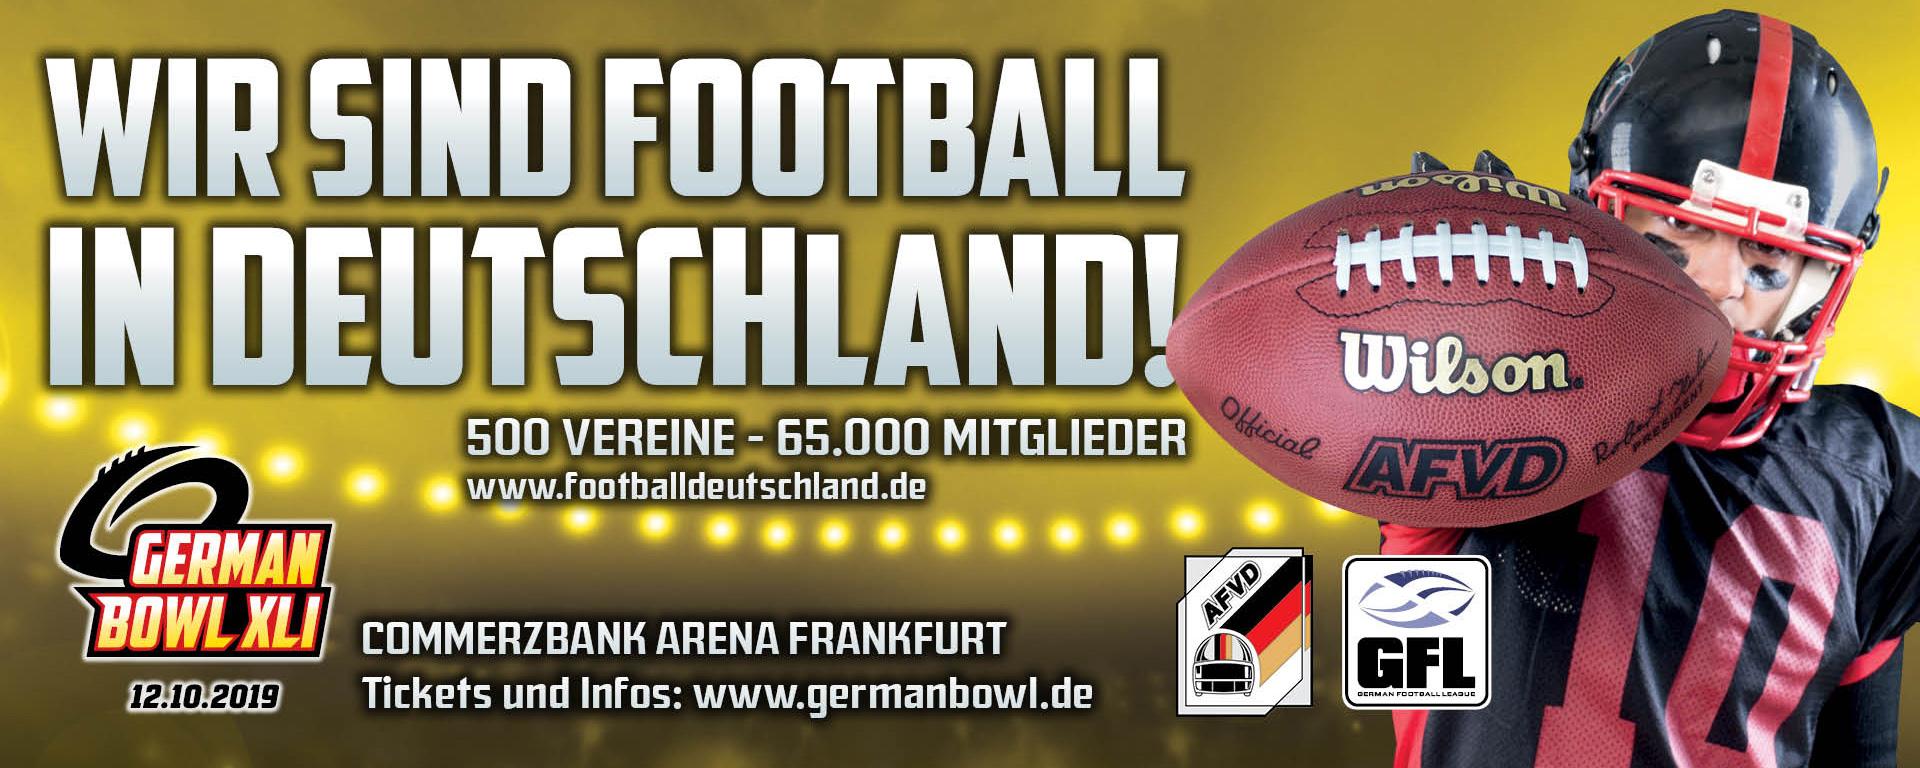 Wir sind Football in Deutschland